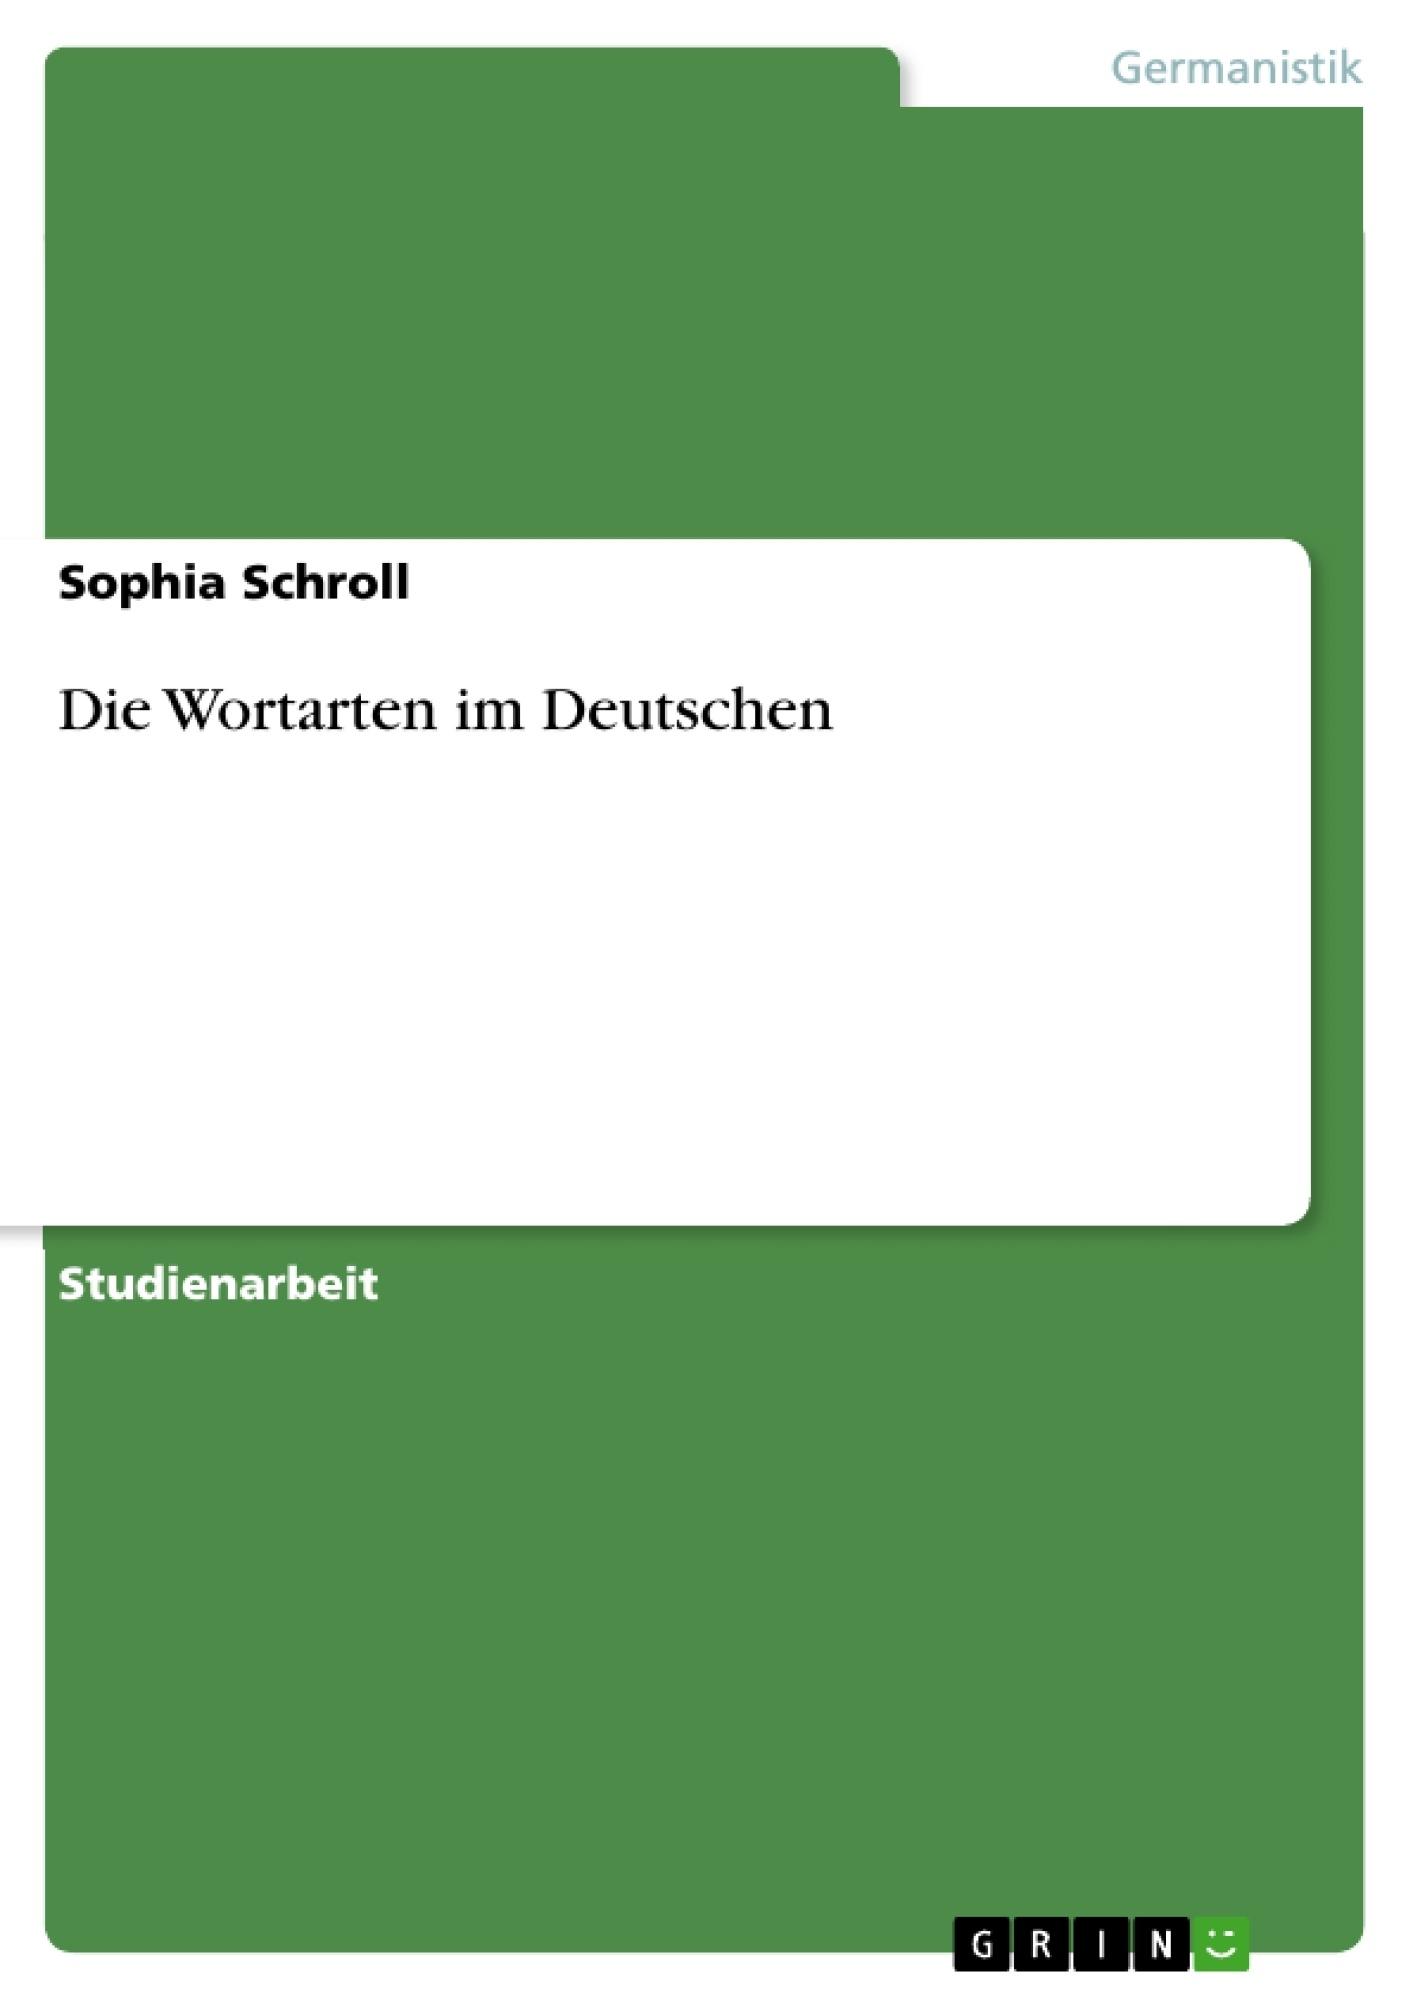 Titel: Die Wortarten im Deutschen